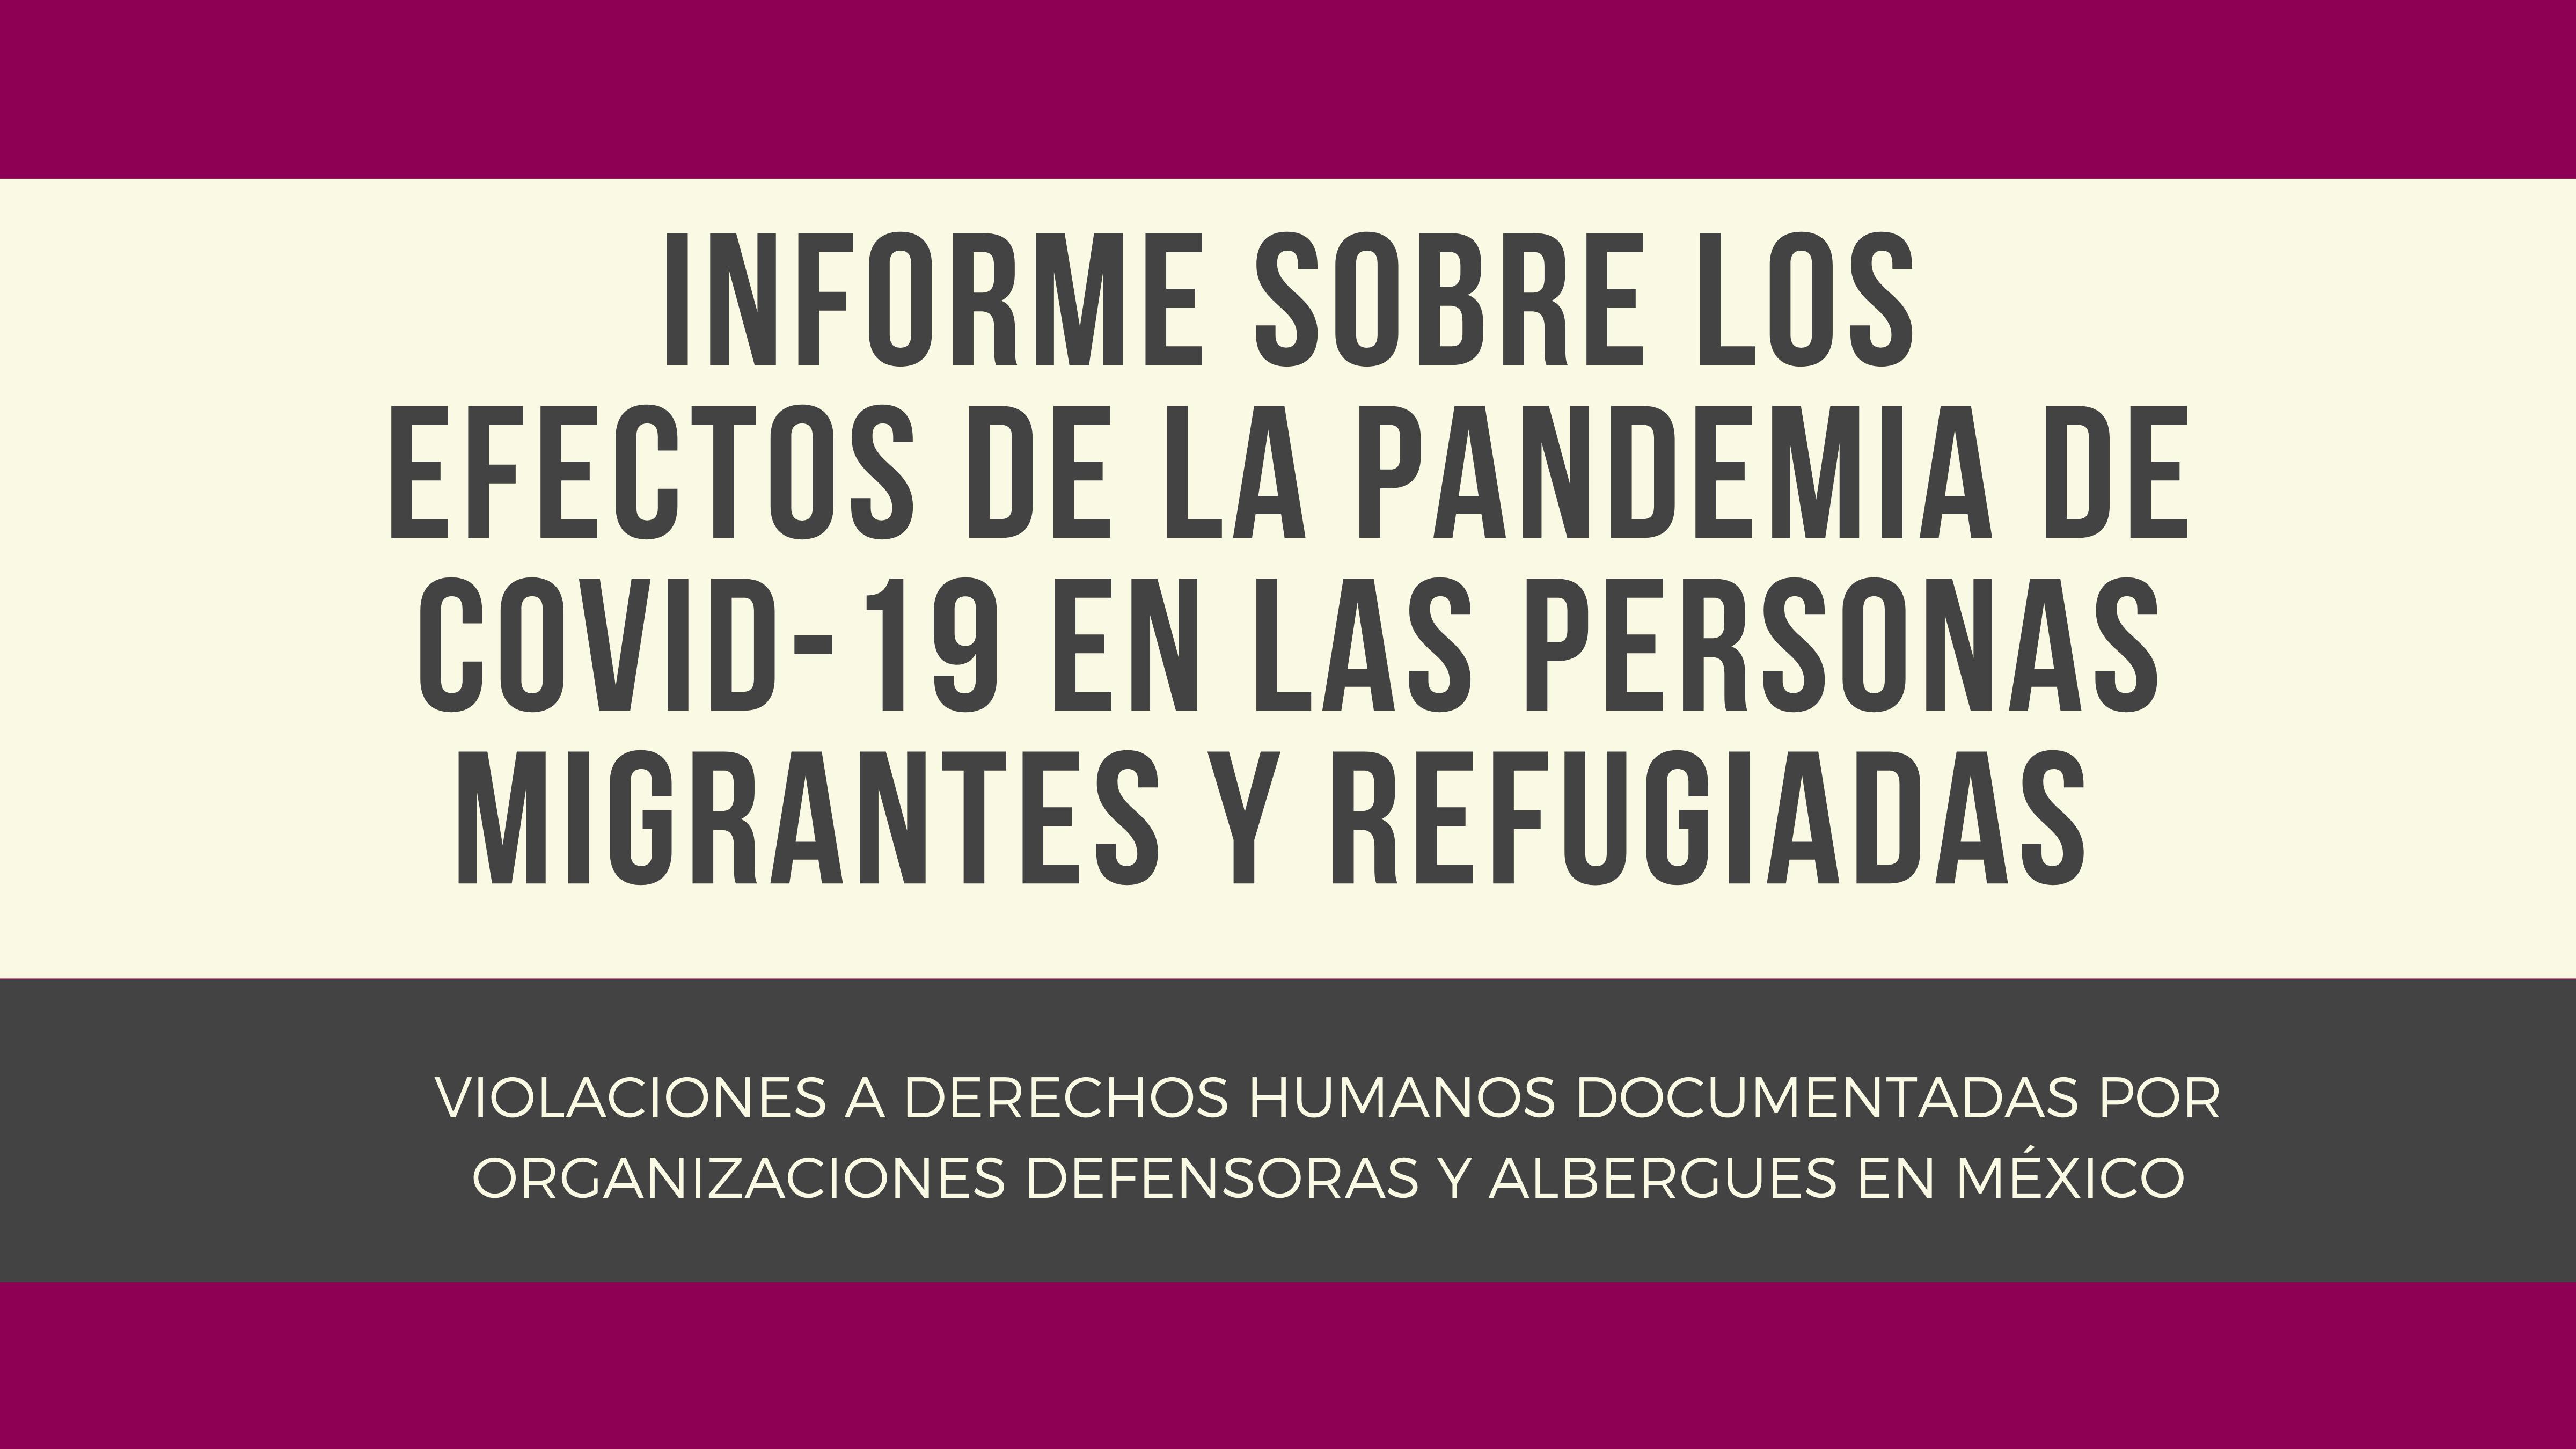 ¿Qué efectos ha dejado la pandemia de #COVID19 en las personas migrantes y refugiadas?